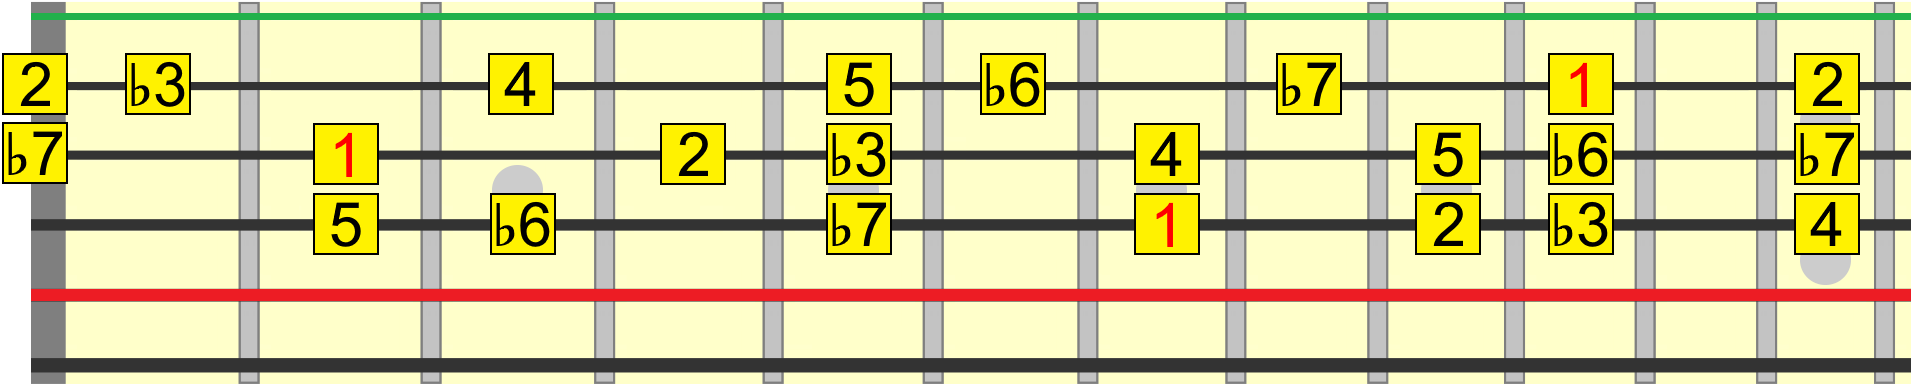 Aeolian harmony roadmap